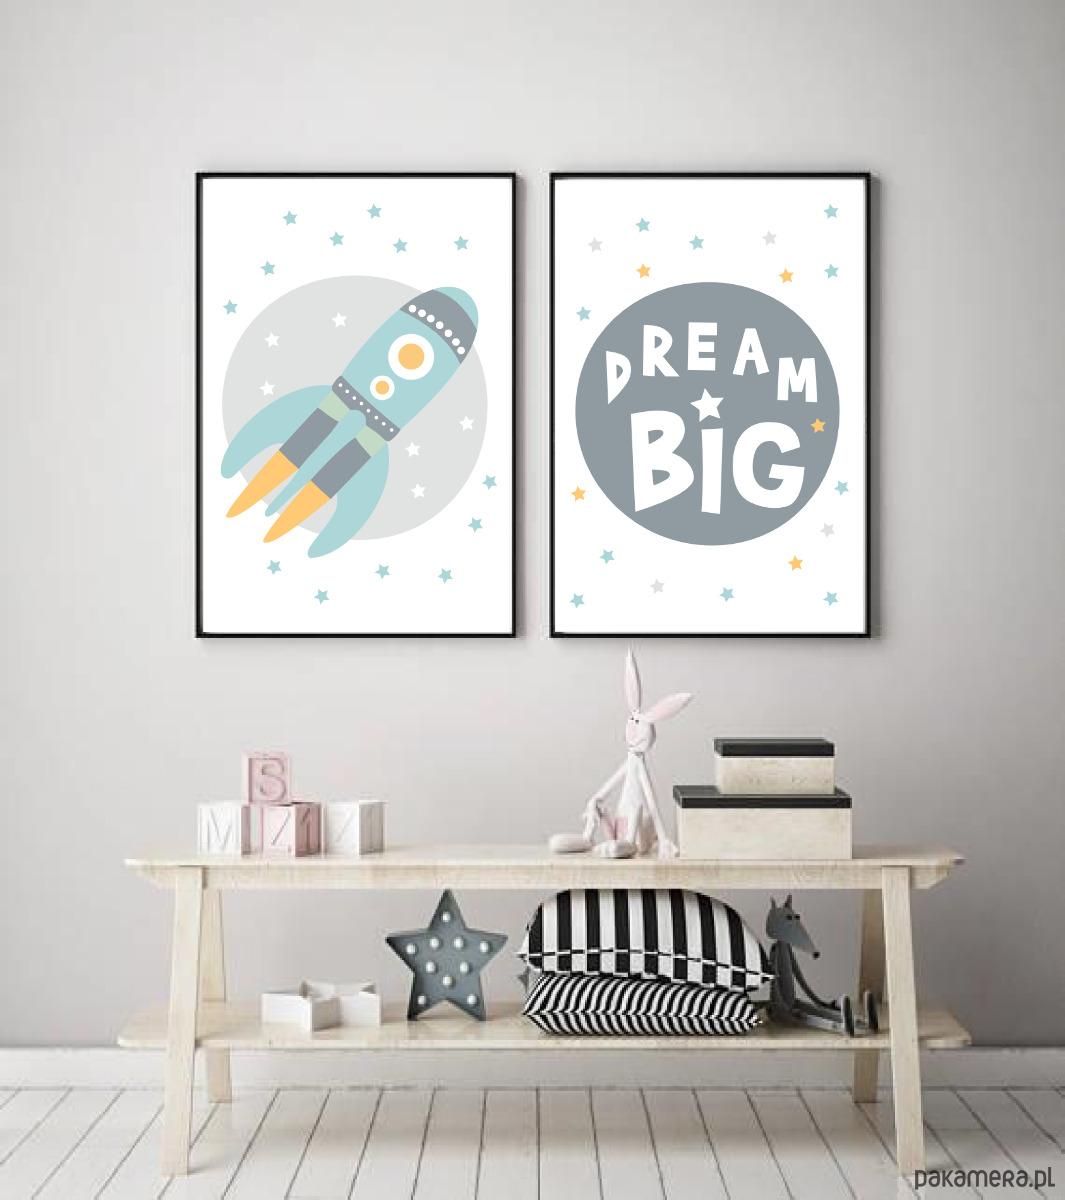 Plakaty Do Pokoju Dziecka Dla Chłopca Rakieta Pakamerapl